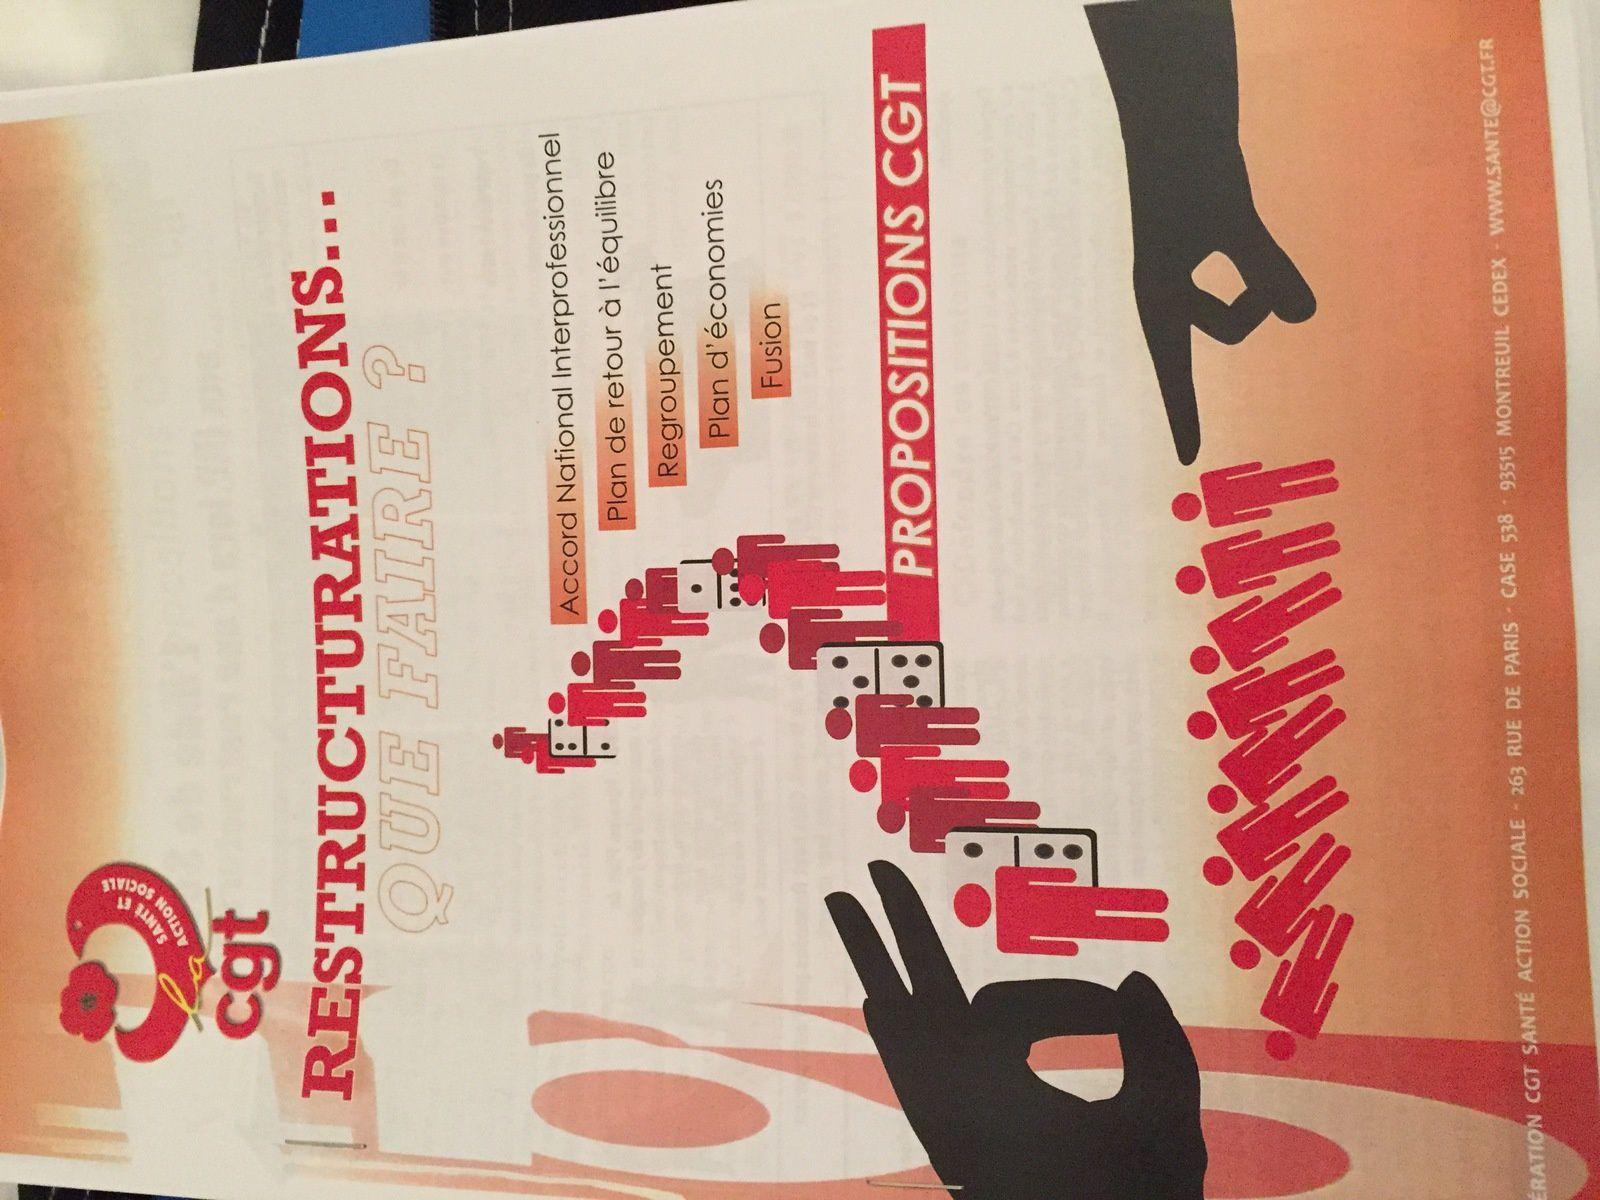 En direct du 5eme congrès de l'UFSP et du 8eme congrès de l'UFAS(1).